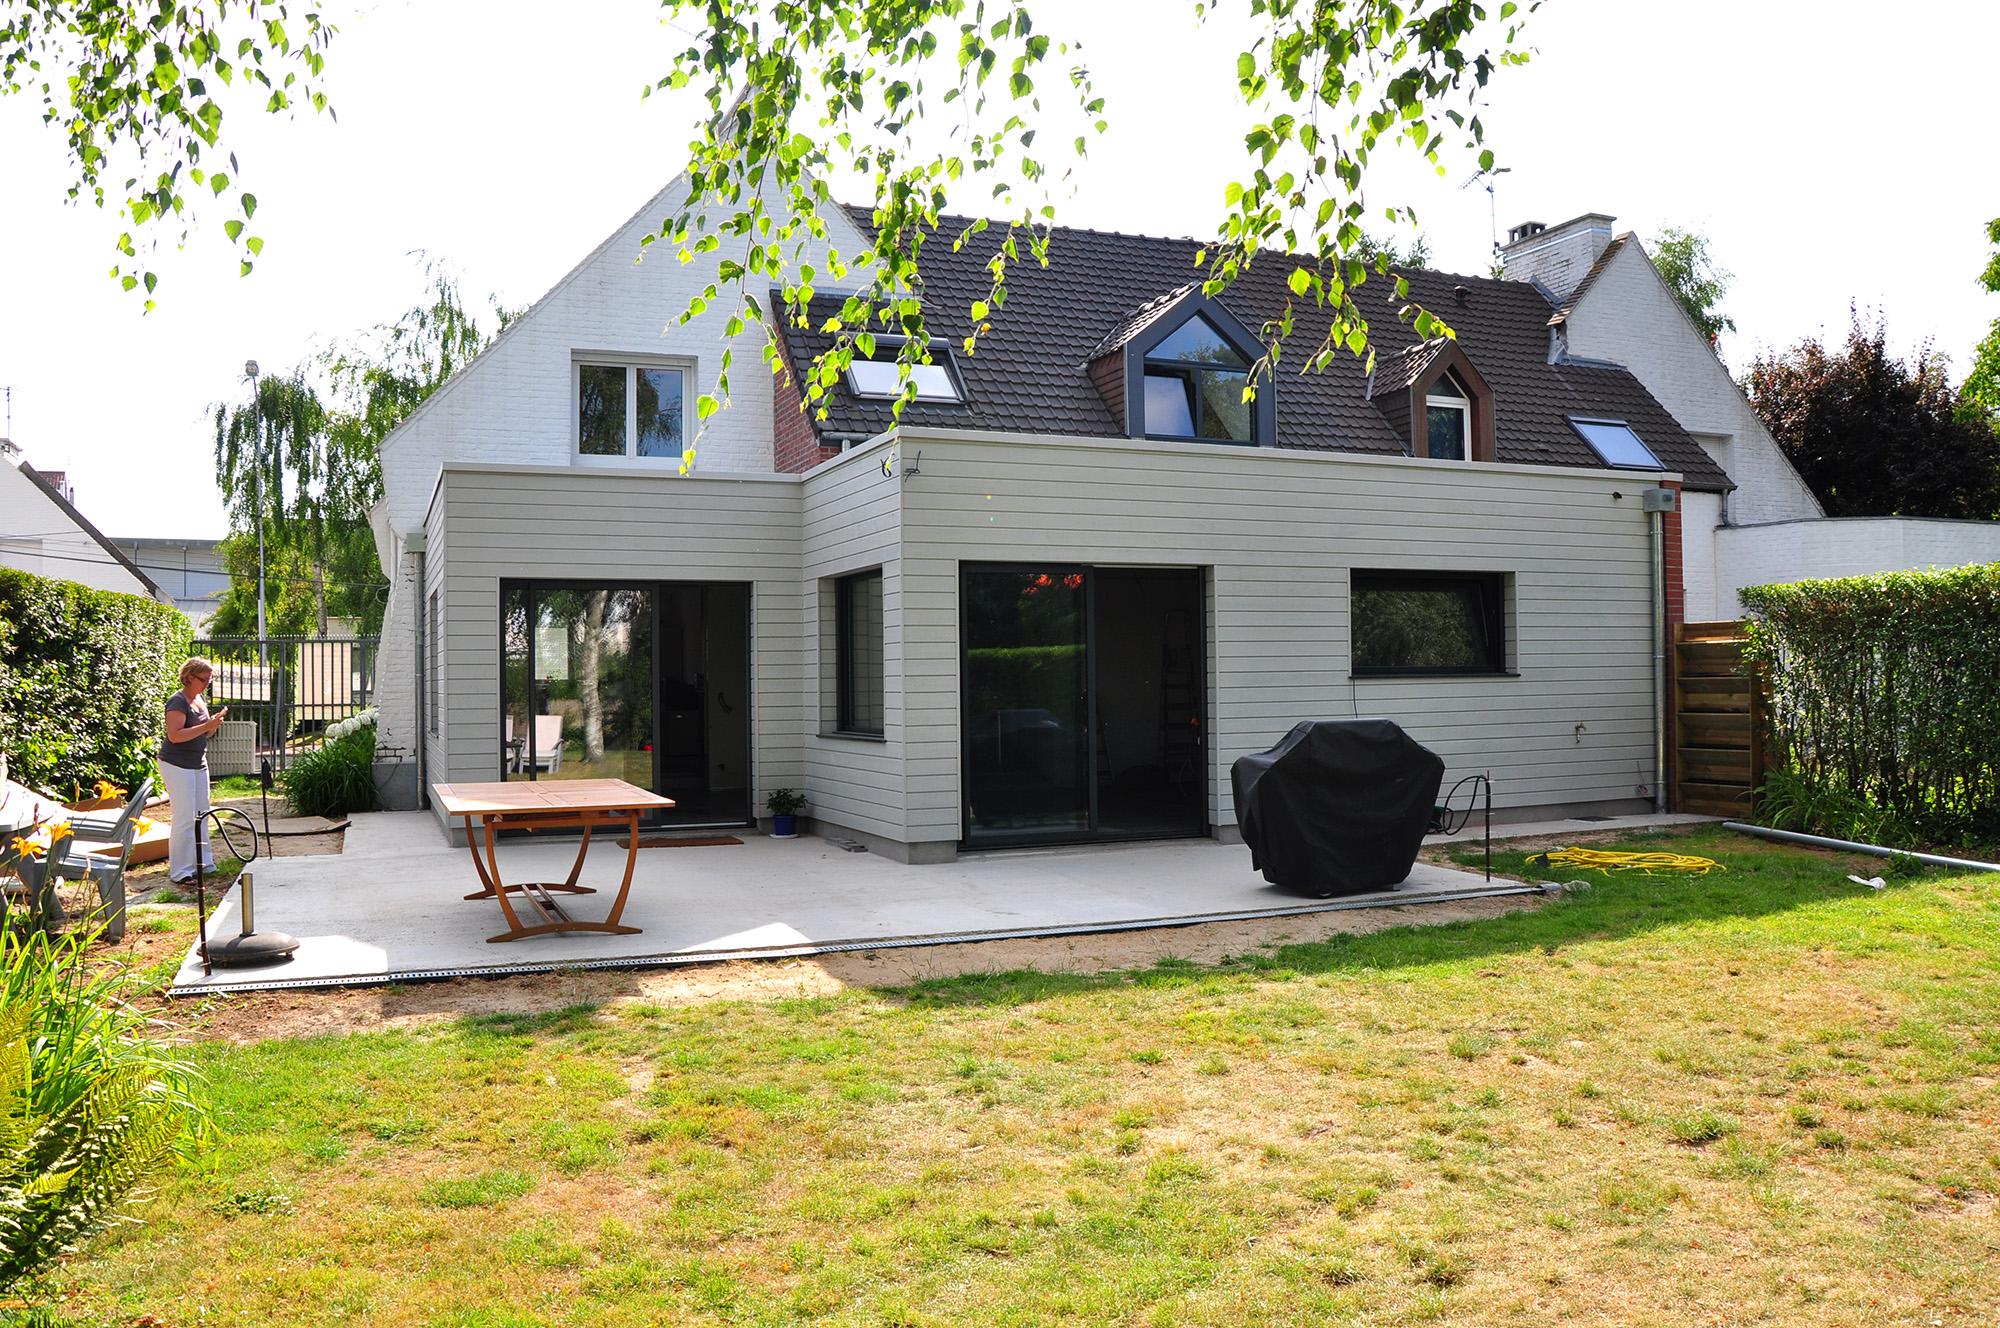 extension d une maison individuelle marcq en baroeul amiot arnoux architectes. Black Bedroom Furniture Sets. Home Design Ideas